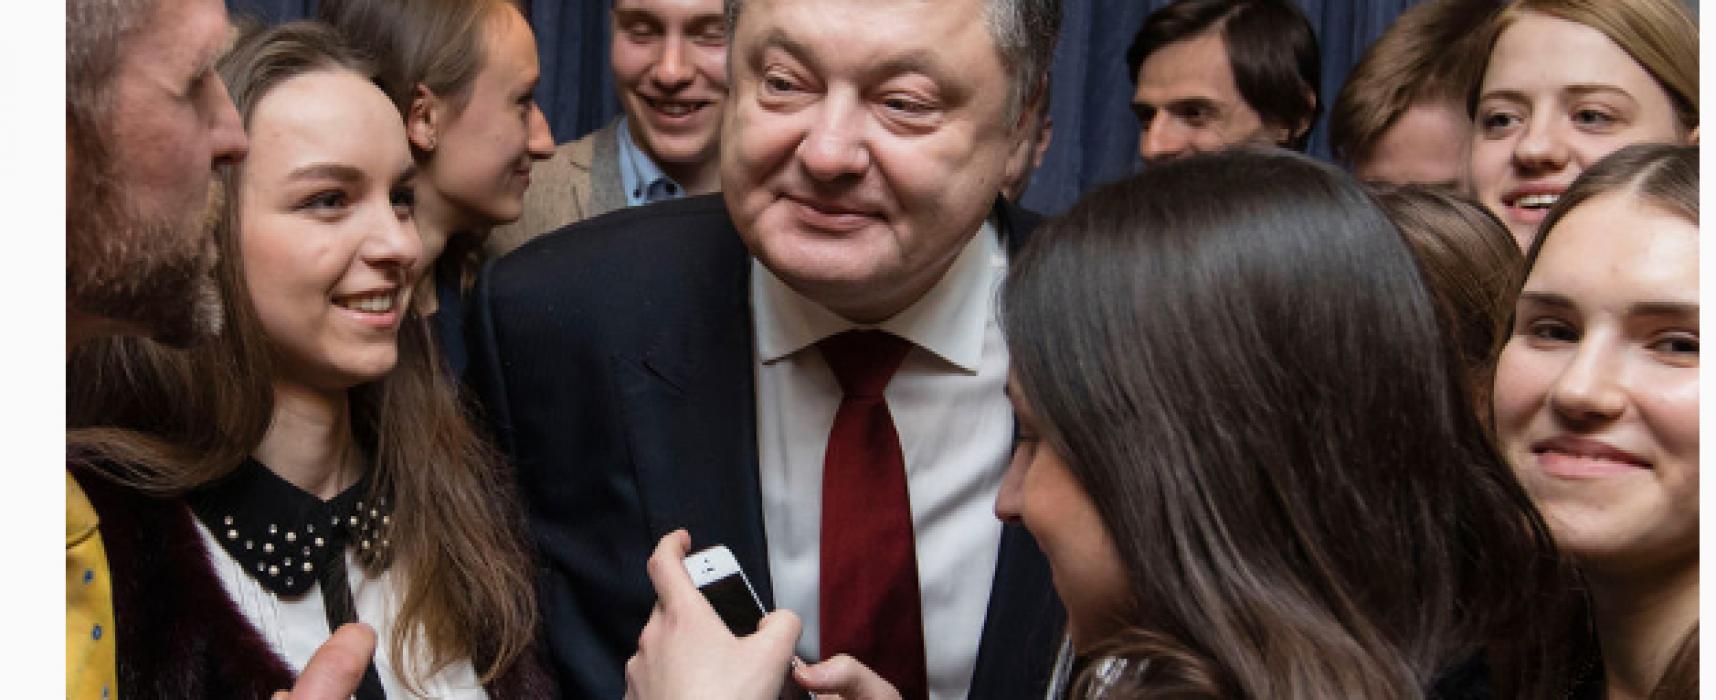 Fake: La legge dell'istruzione contraddice alla Costituzione dell'Ucraina e vieta la lingua russa